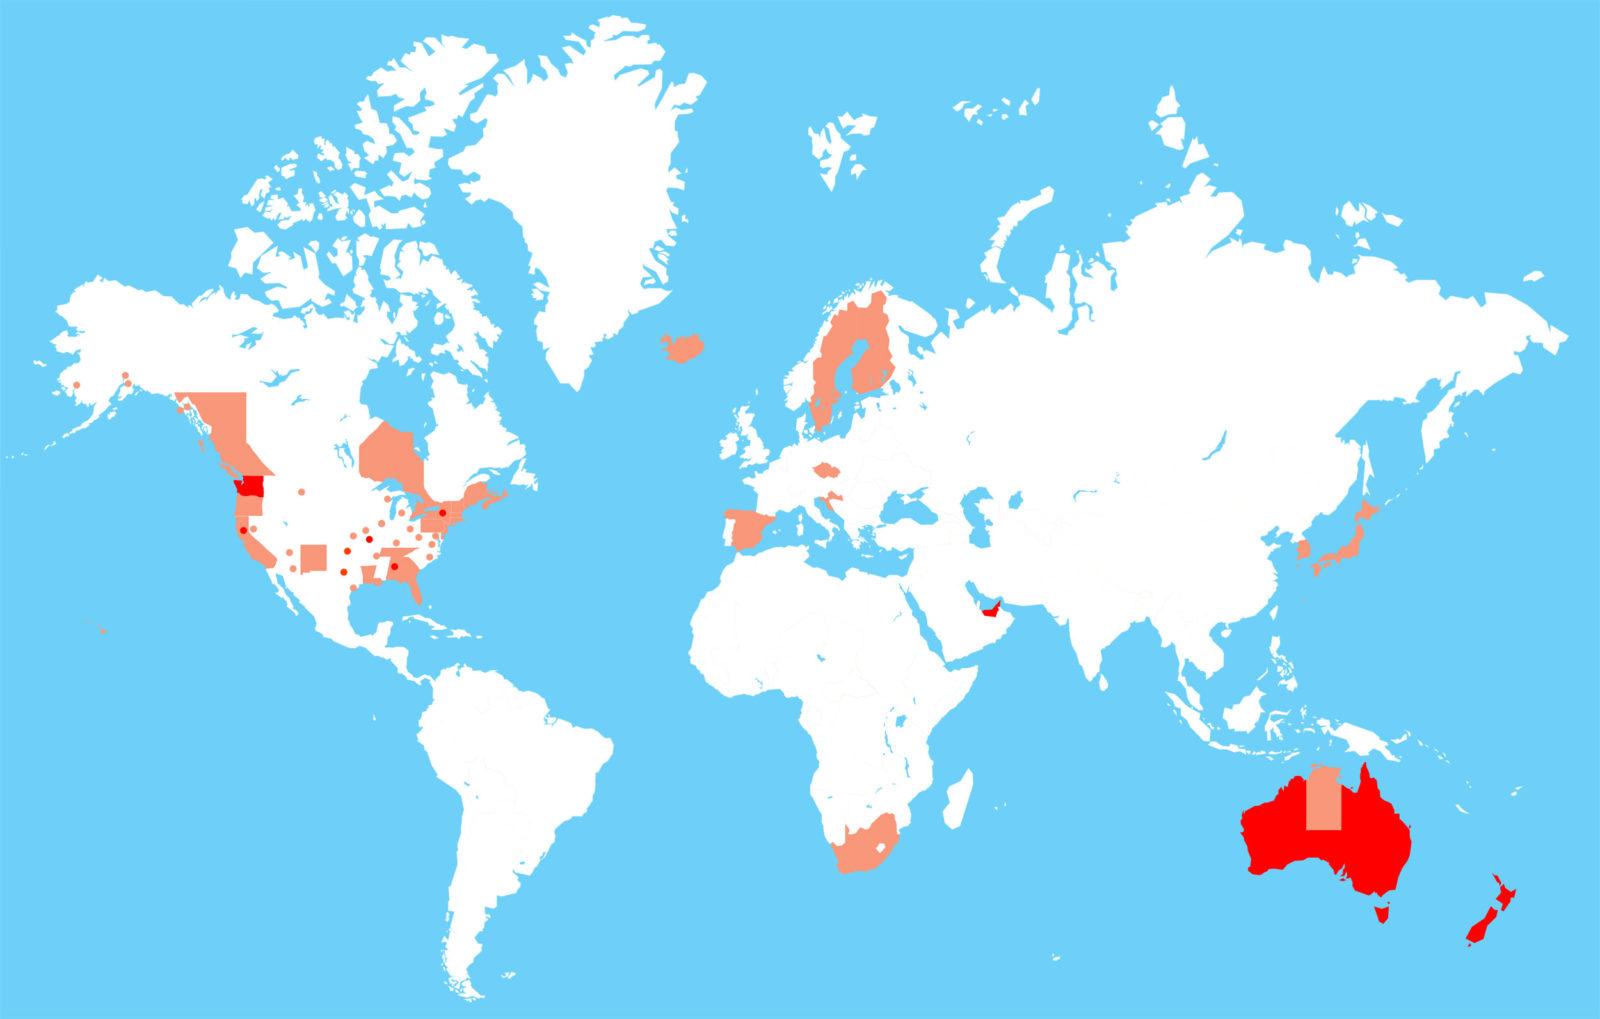 Länder mit einer vollständigen oder teilweisen Radhelmpflicht, Karte weltweit, Australien, Finnland, USA Städte